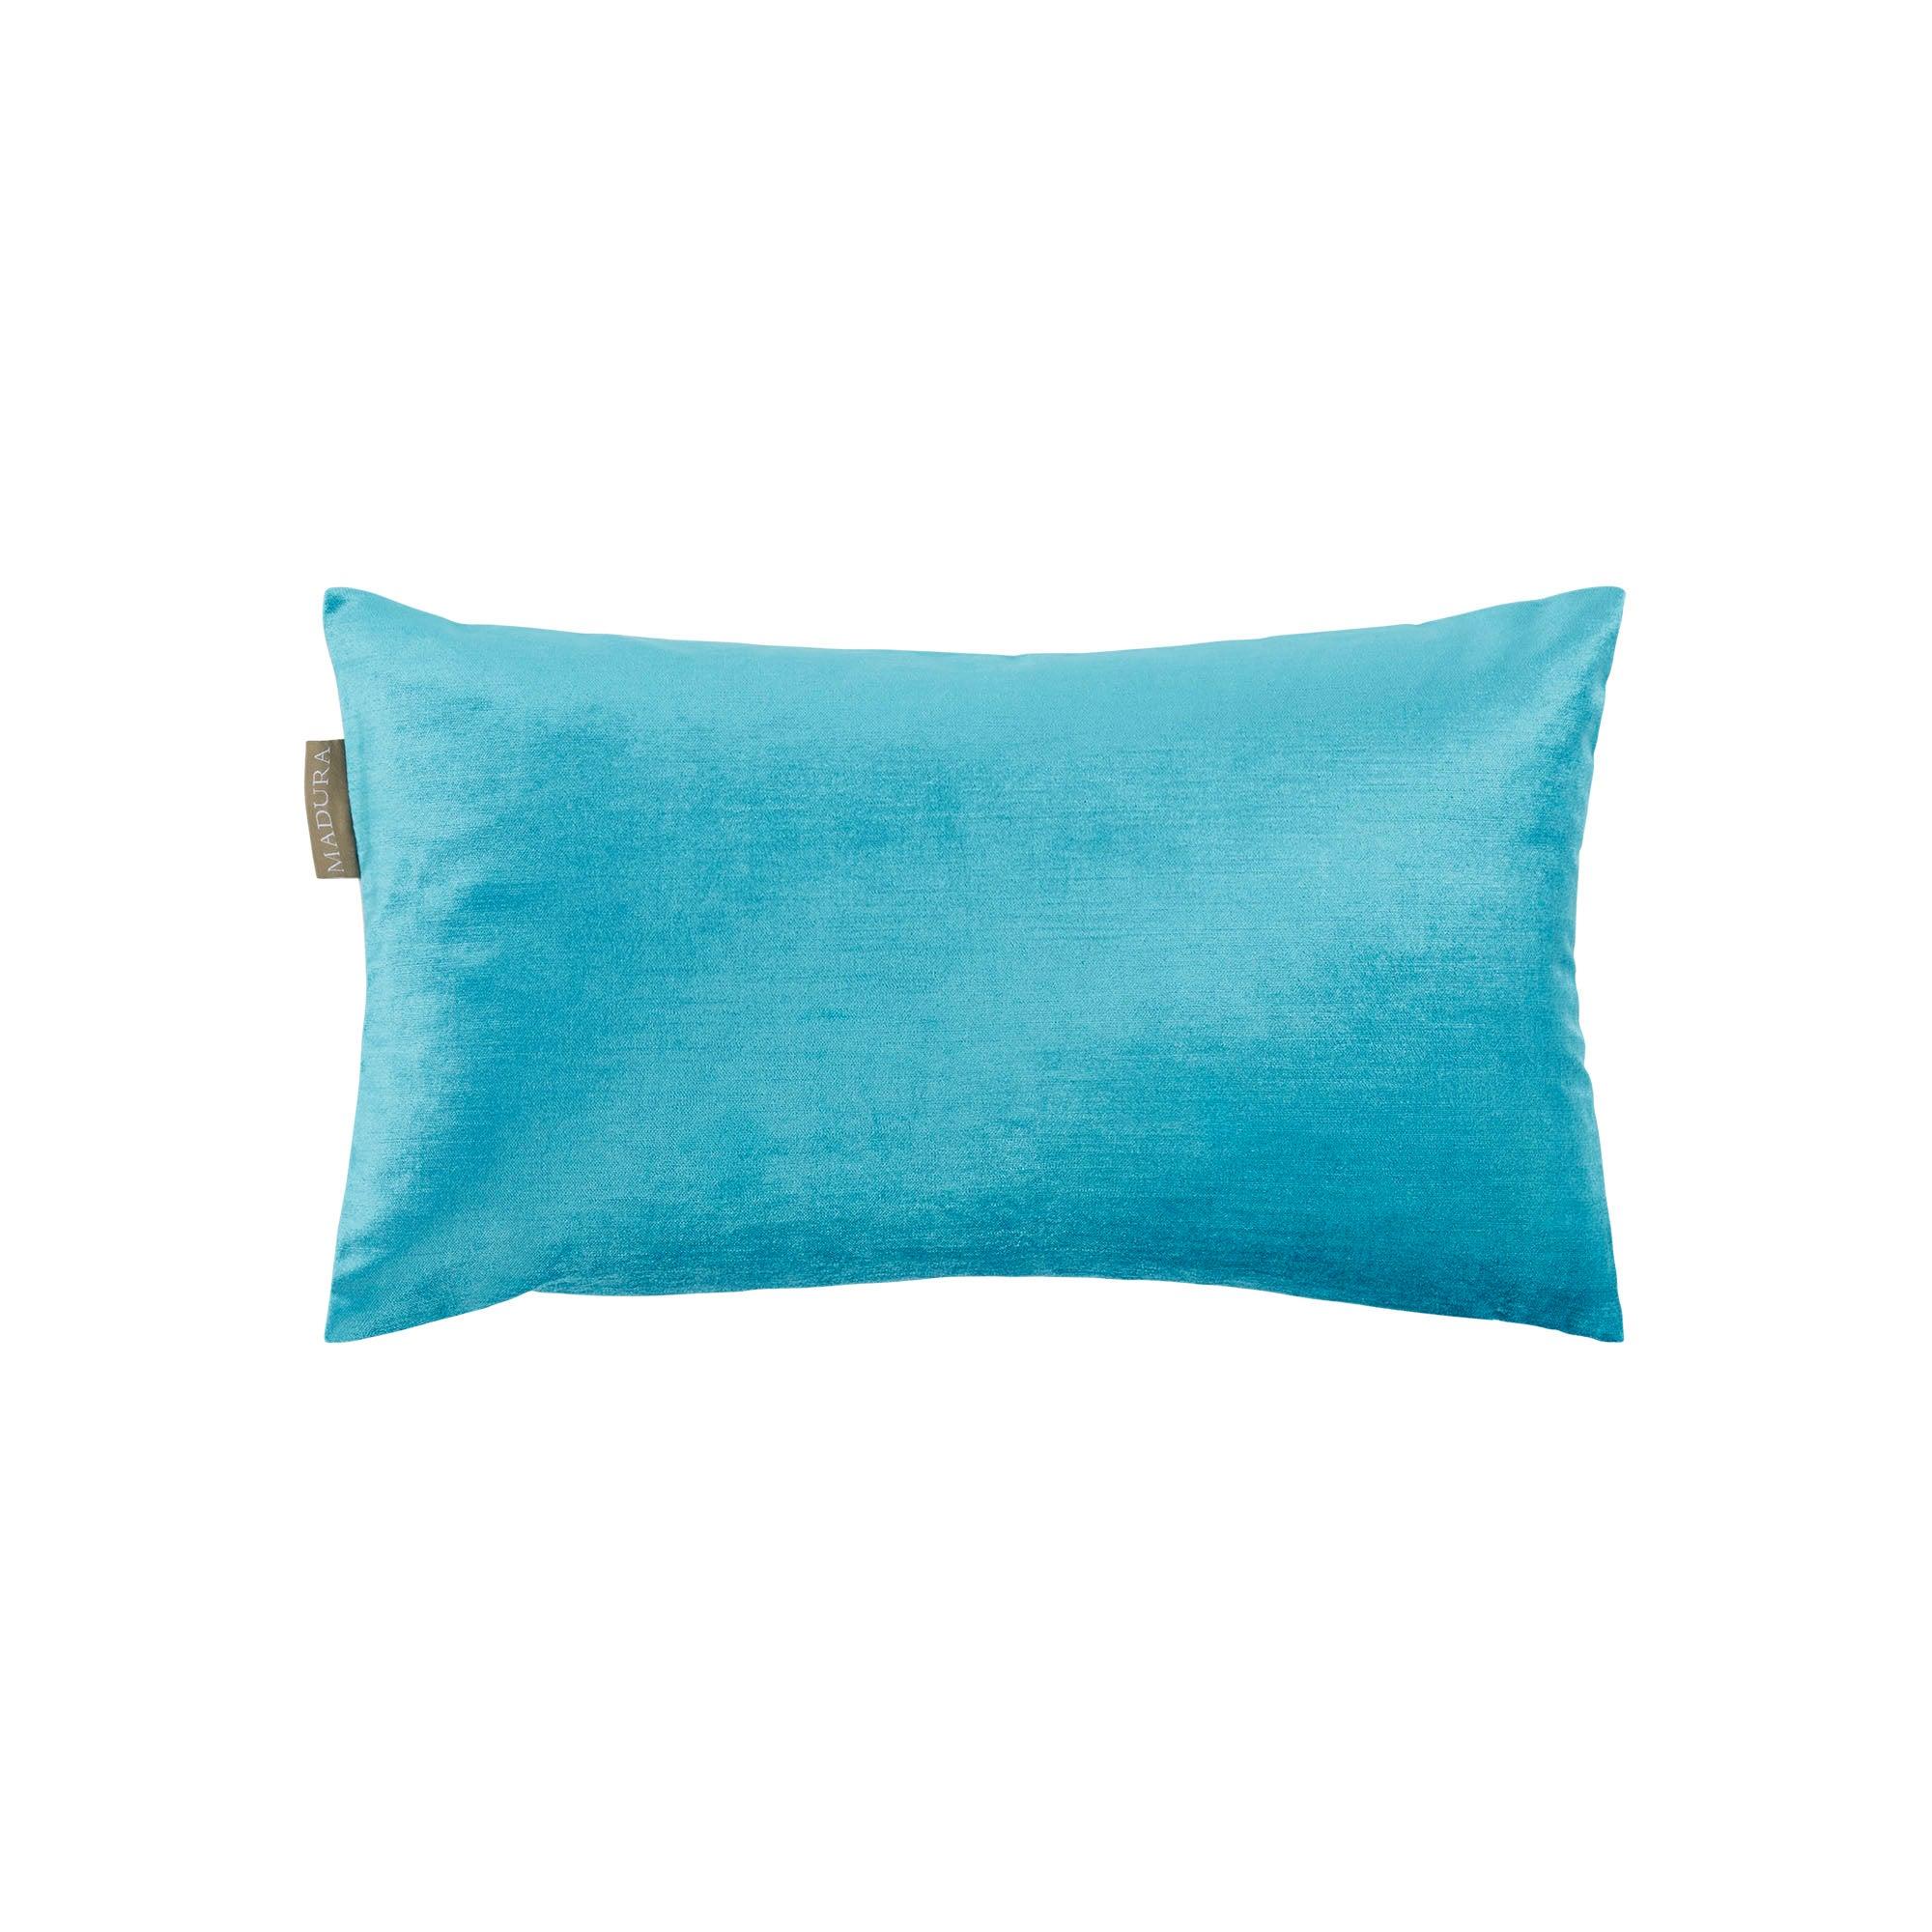 Housse de coussin 28x47 cm Bleu et blanc